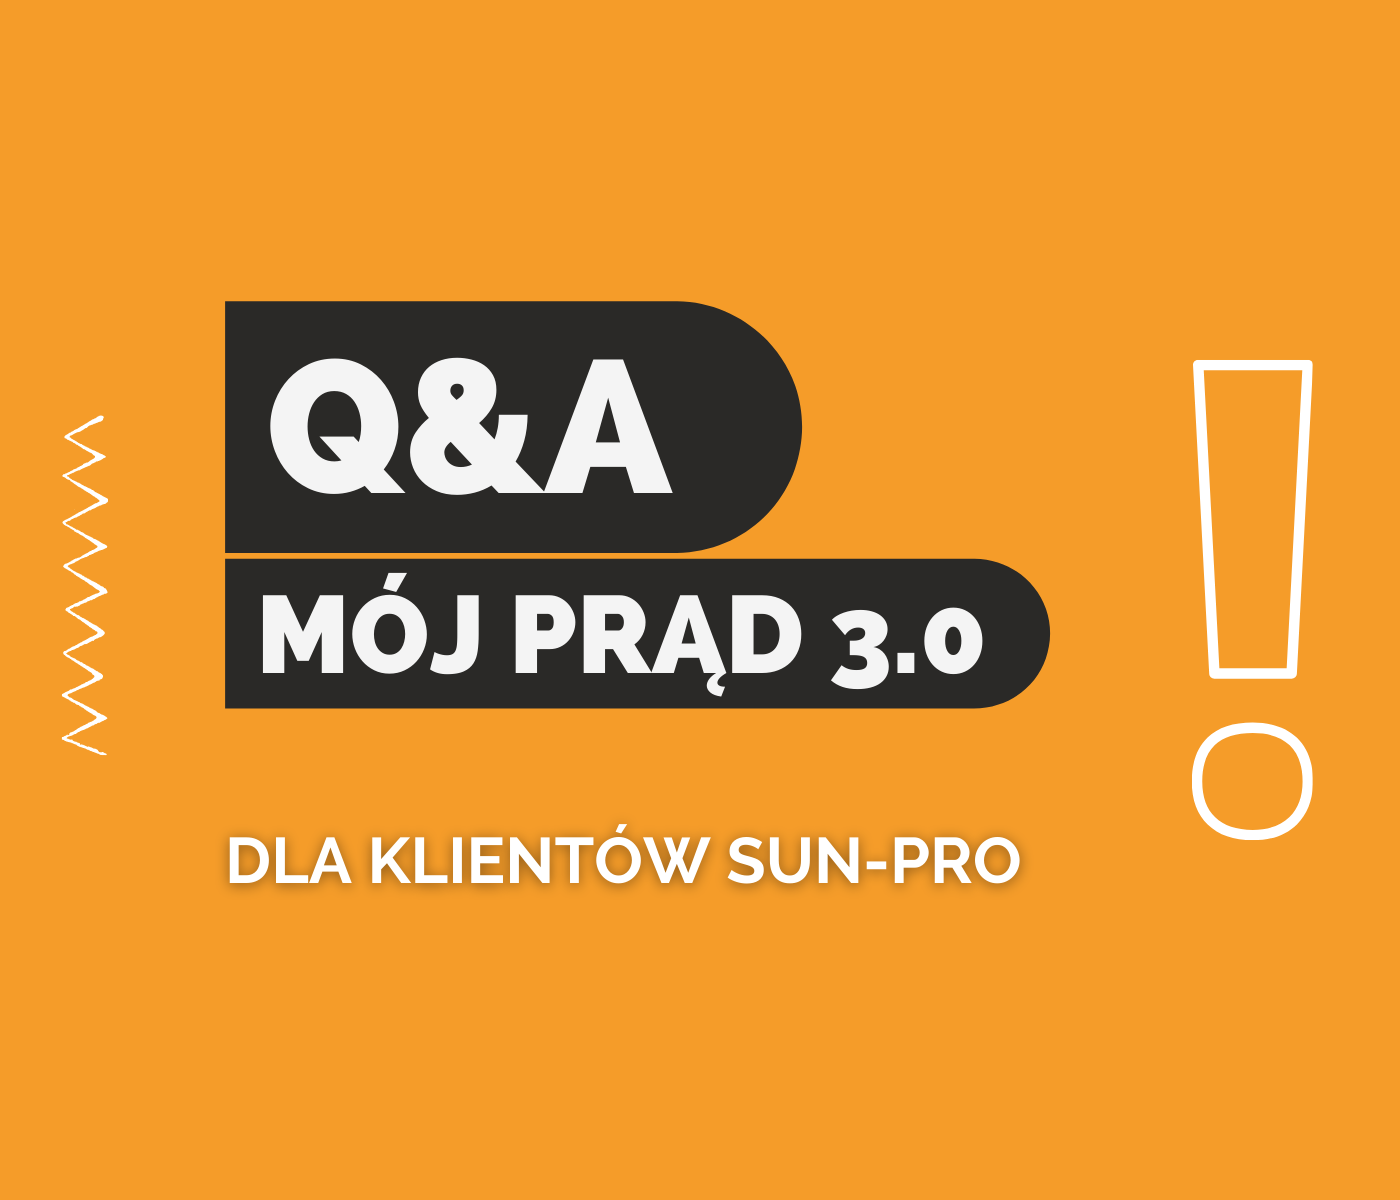 Mój Prąd 3.0 - informacje dla klientów Sun-Pro